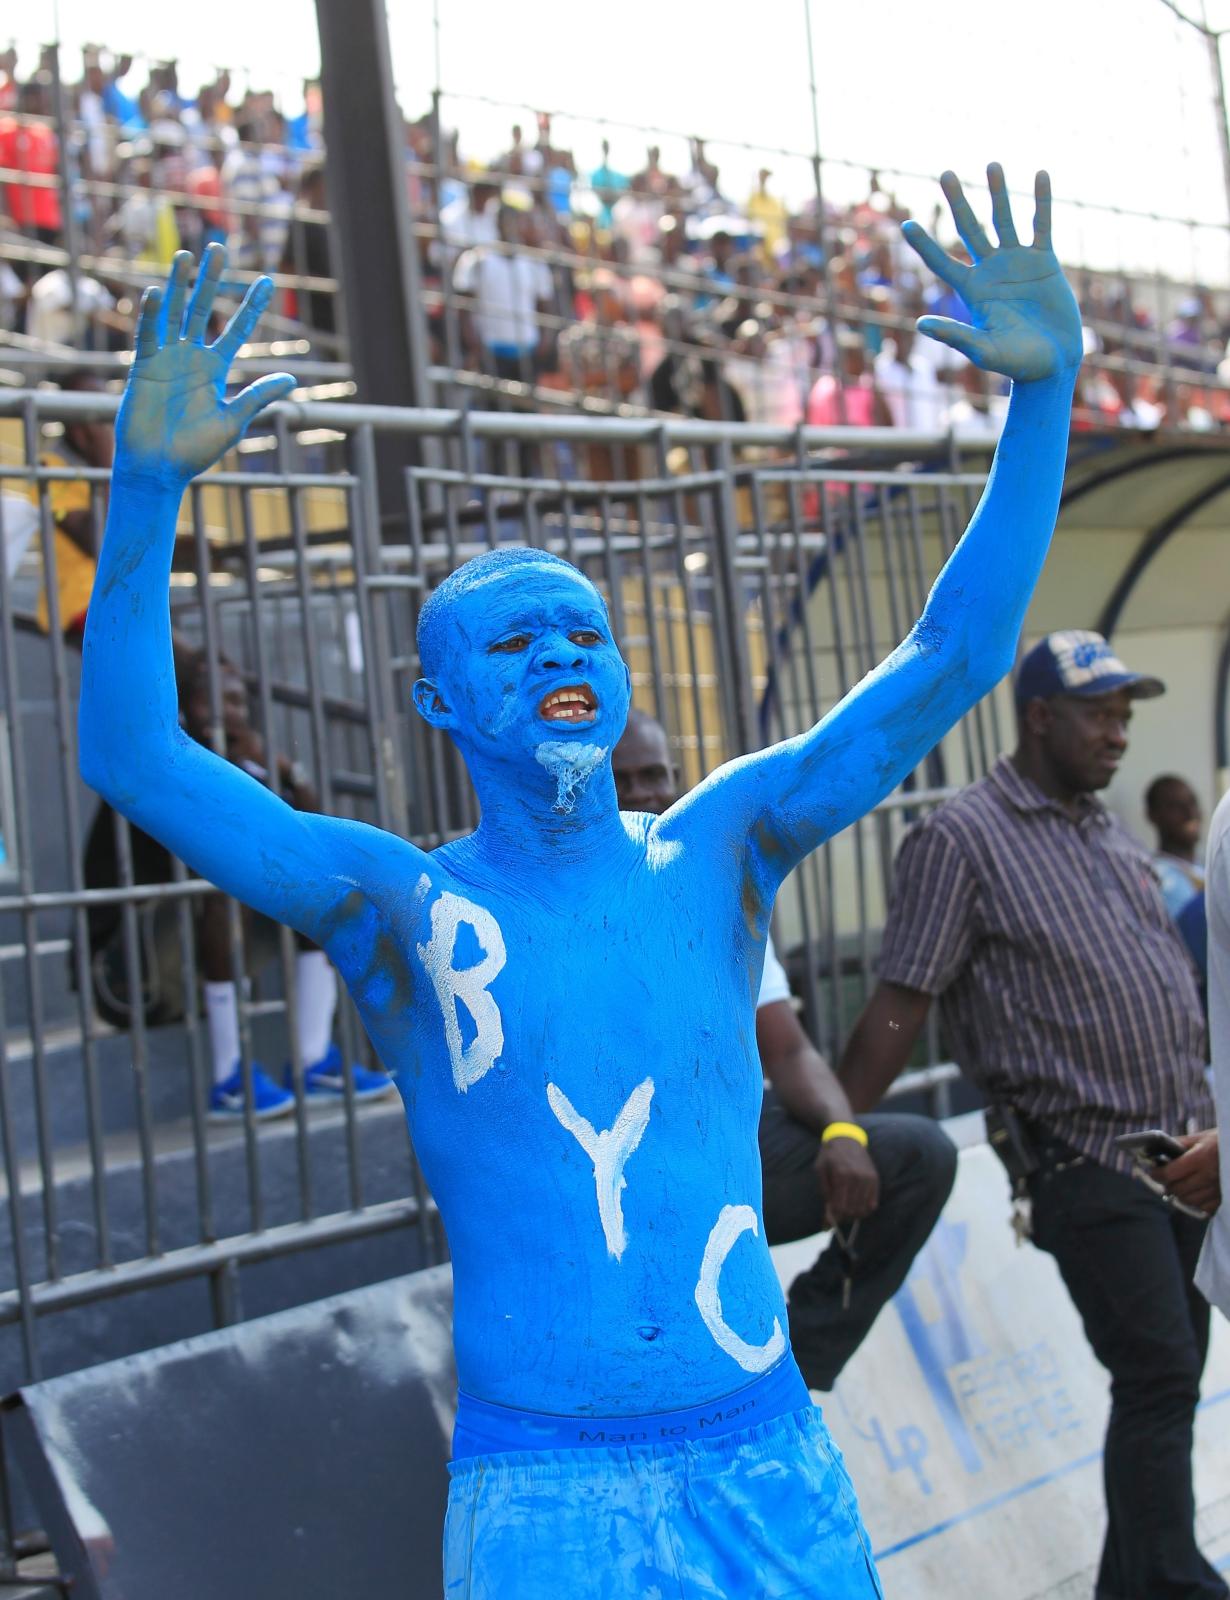 Fan liberyjskiego zespołu przed meczem kwalifikacyjnym.